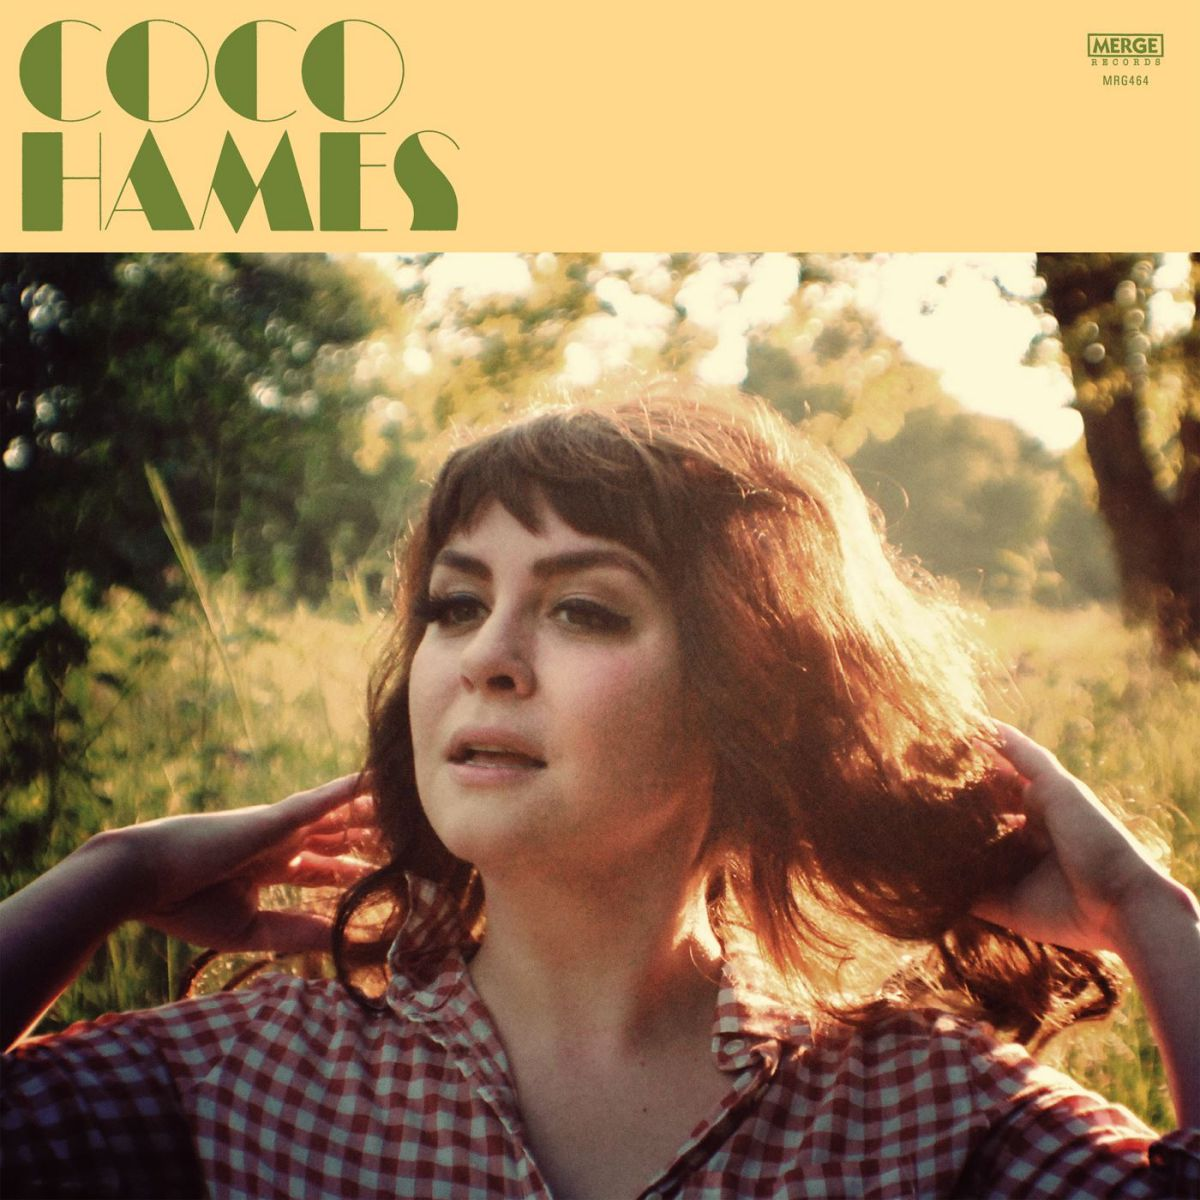 Coco Hames en la portada de su disco en solitario. Foto: Facebook.